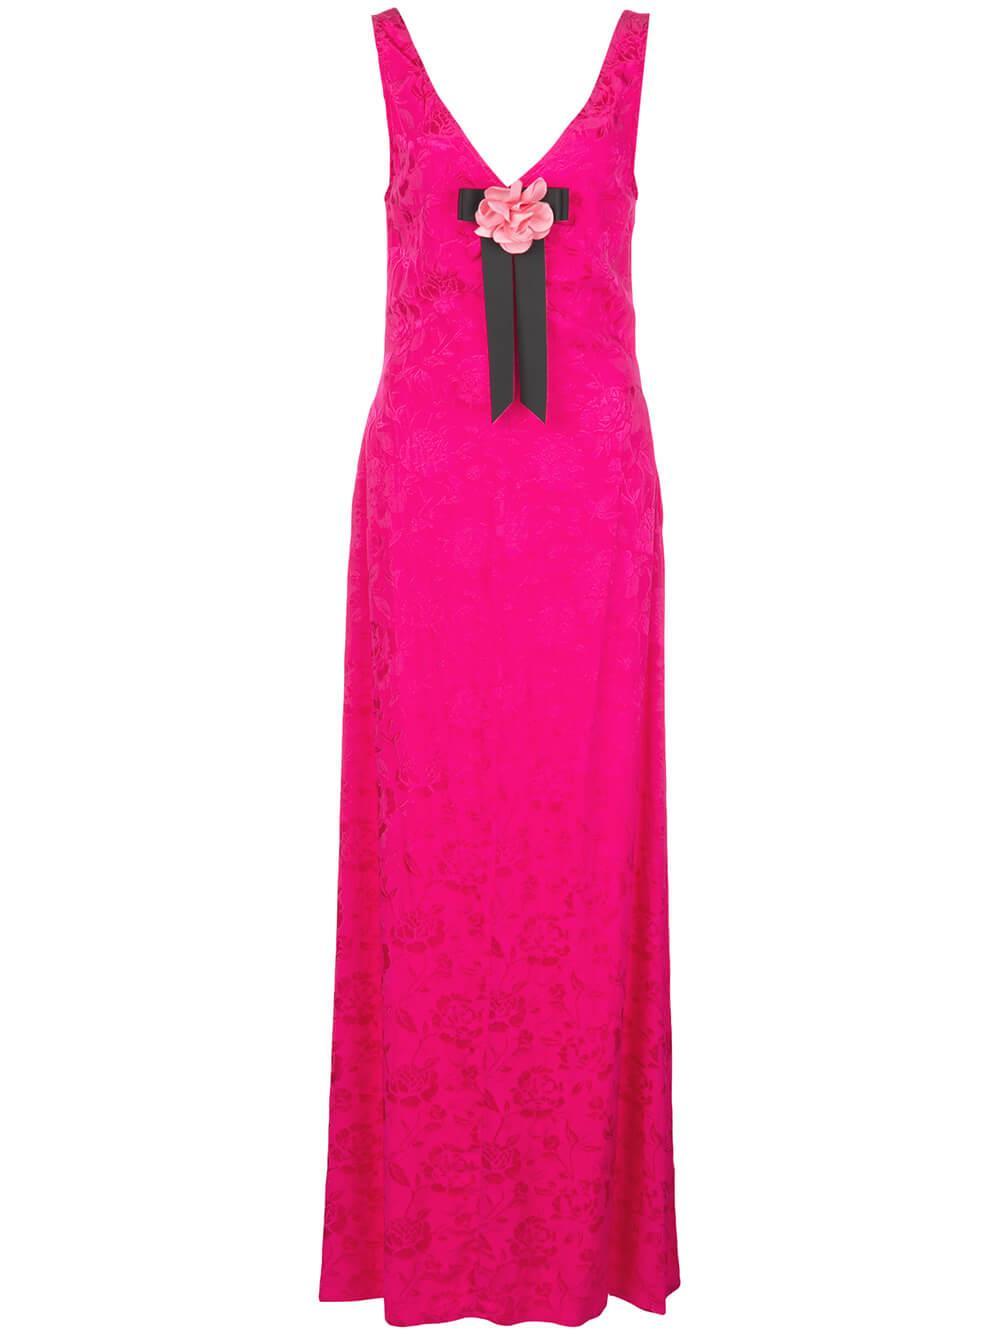 Setter Floral Damask Maxi Dress